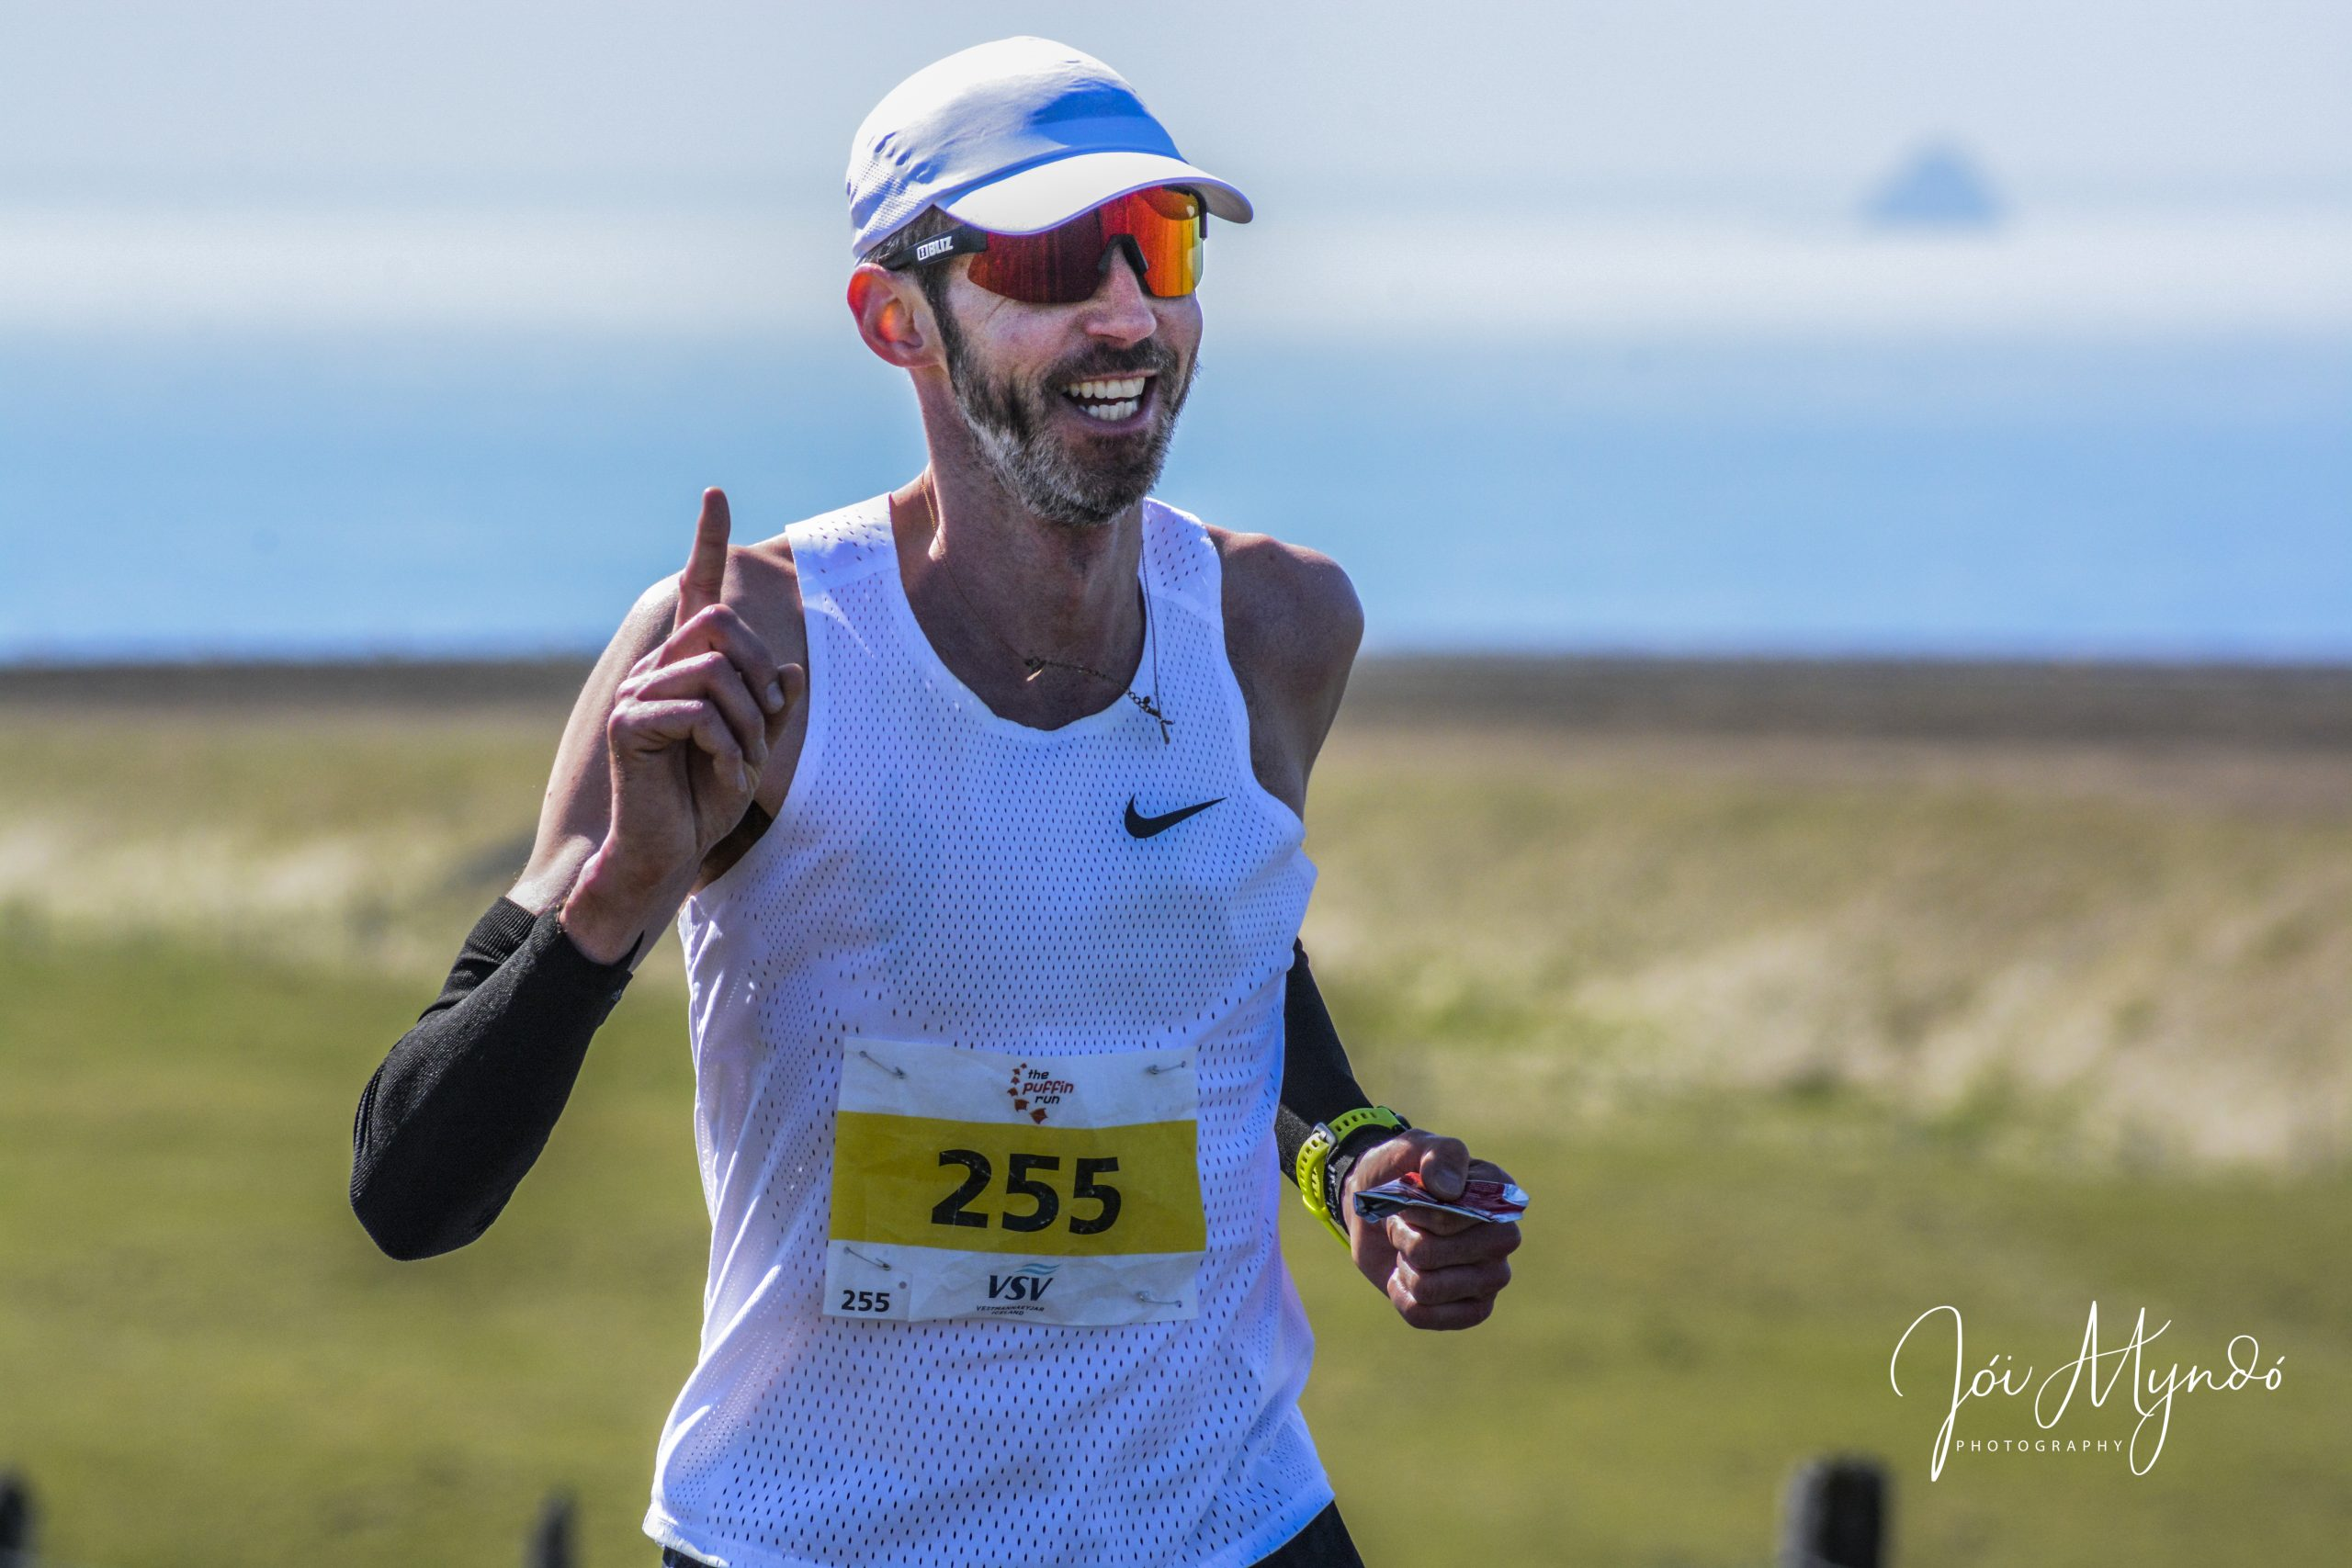 Verðlaun í The Puffin Run 2021